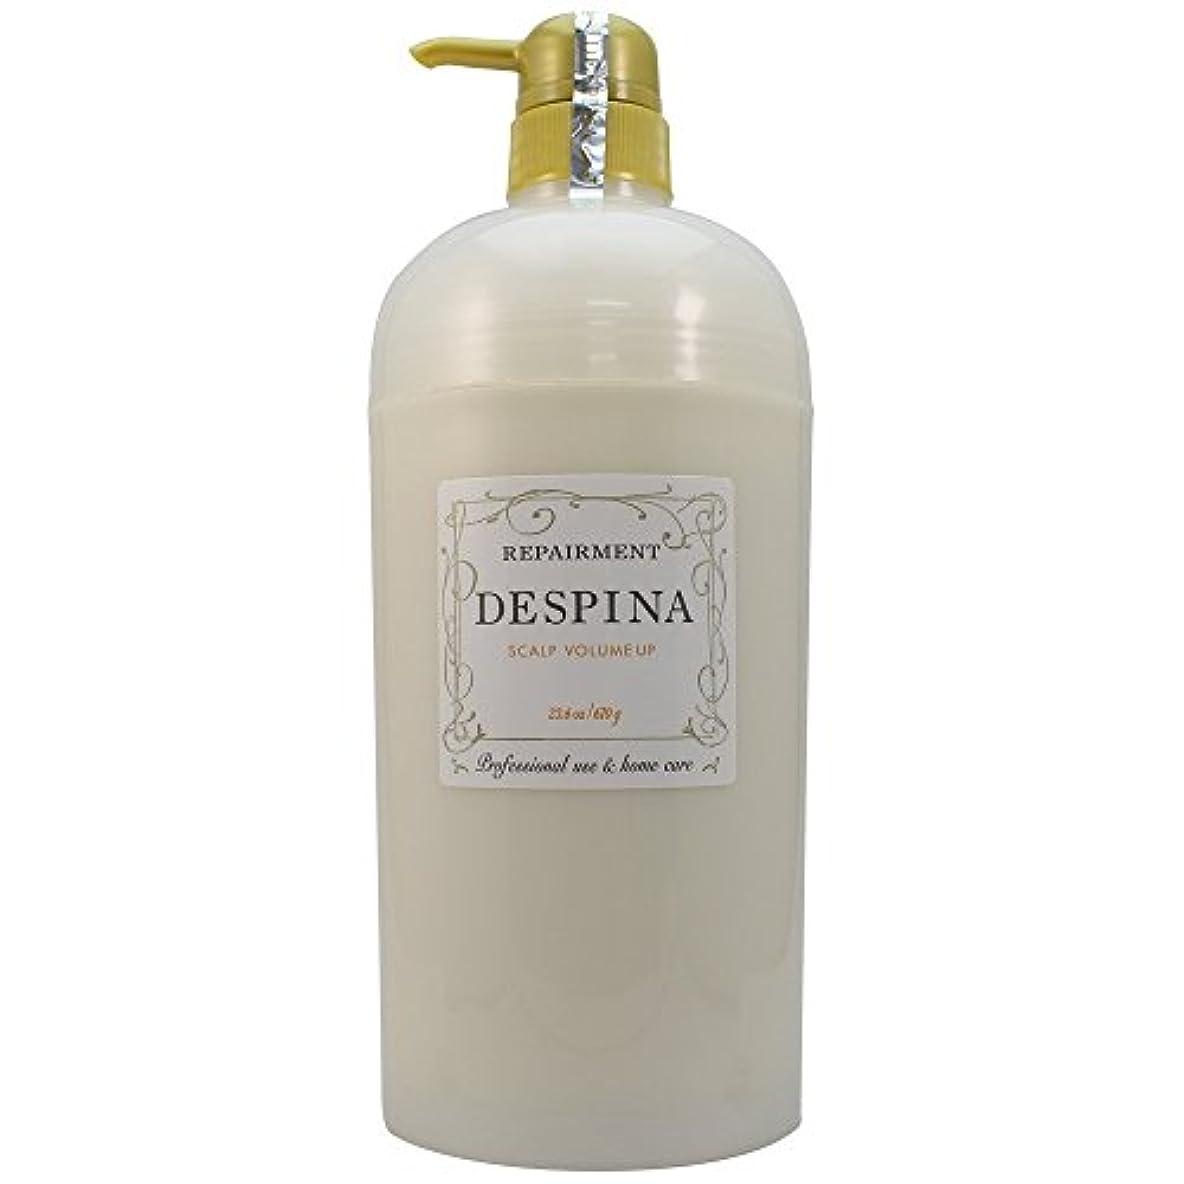 ストライプ新聞氷中野製薬 デスピナ リペアメント スキャルプ ボリュームアップ 670g